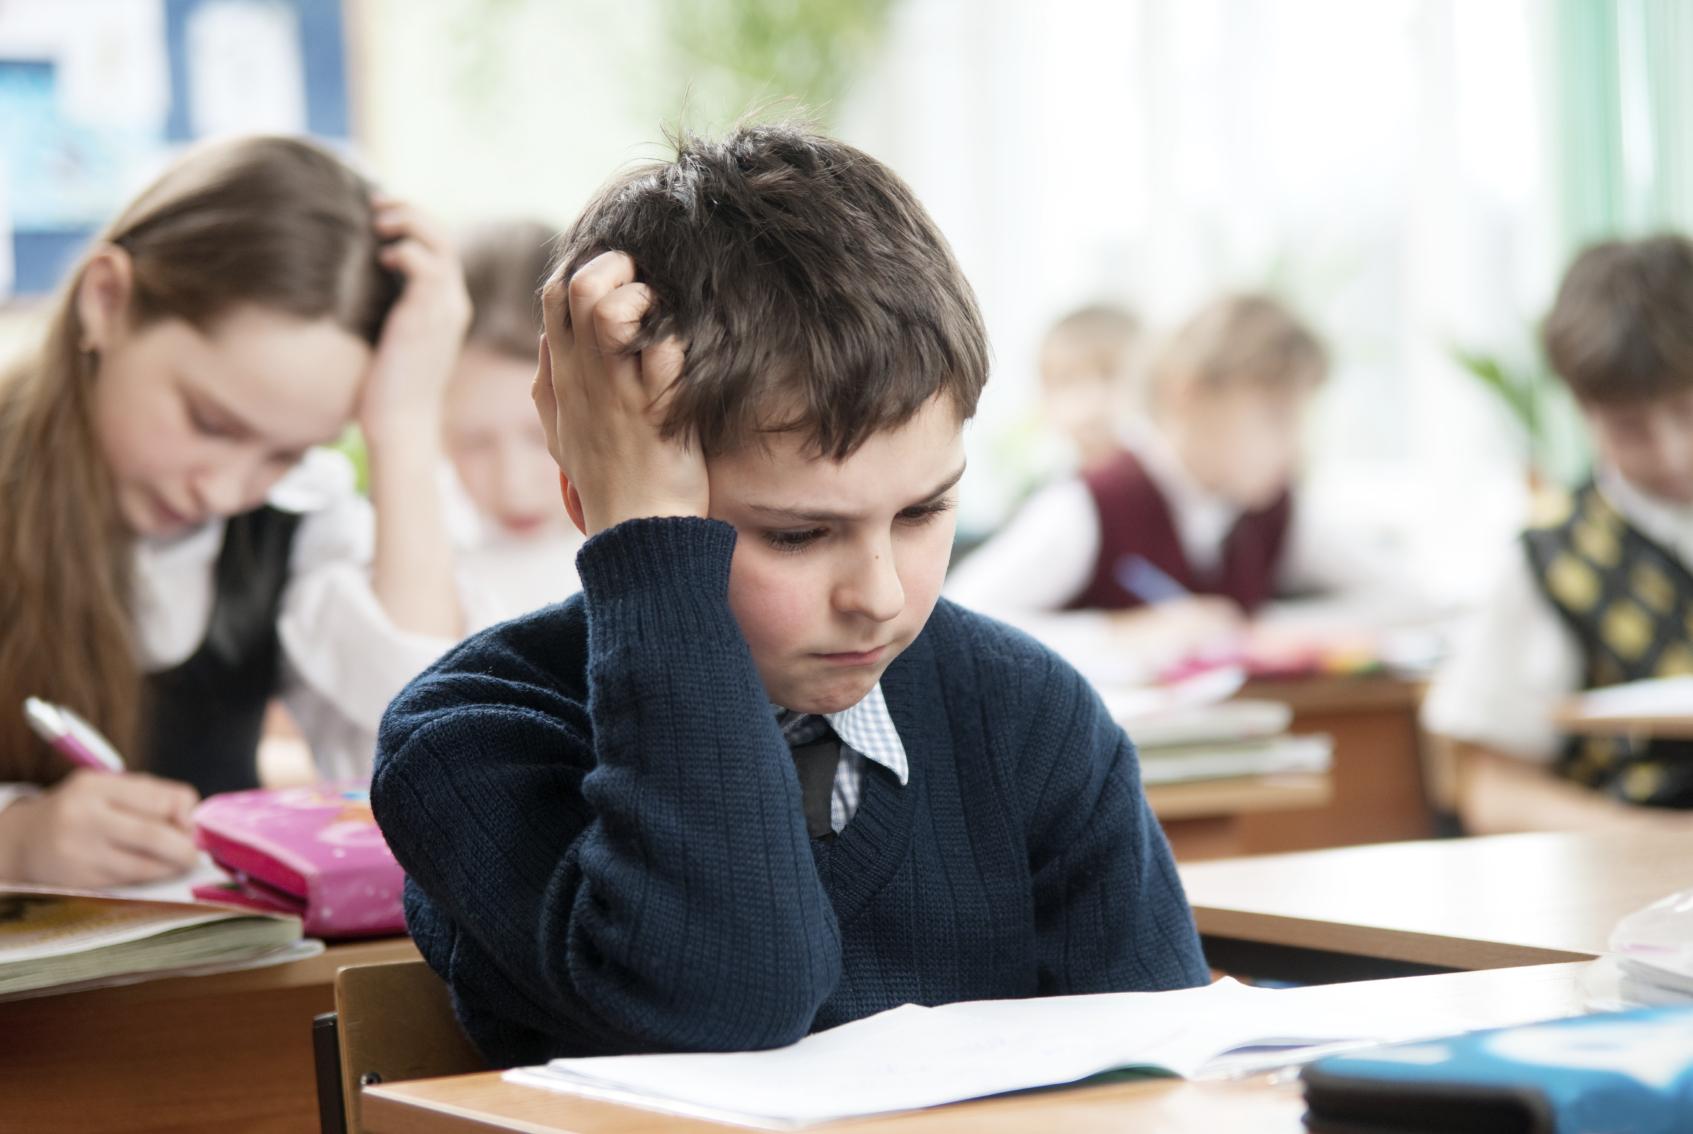 Những kỳ thi quan trọng đã đủ khiến trẻ bị stress rồi. Tiếp nhận thêm nhiều thông tin khác sẽ càng gây áp lực và giảm ý chí, dễ phân tâm và không tập trung ôn luyện tốt